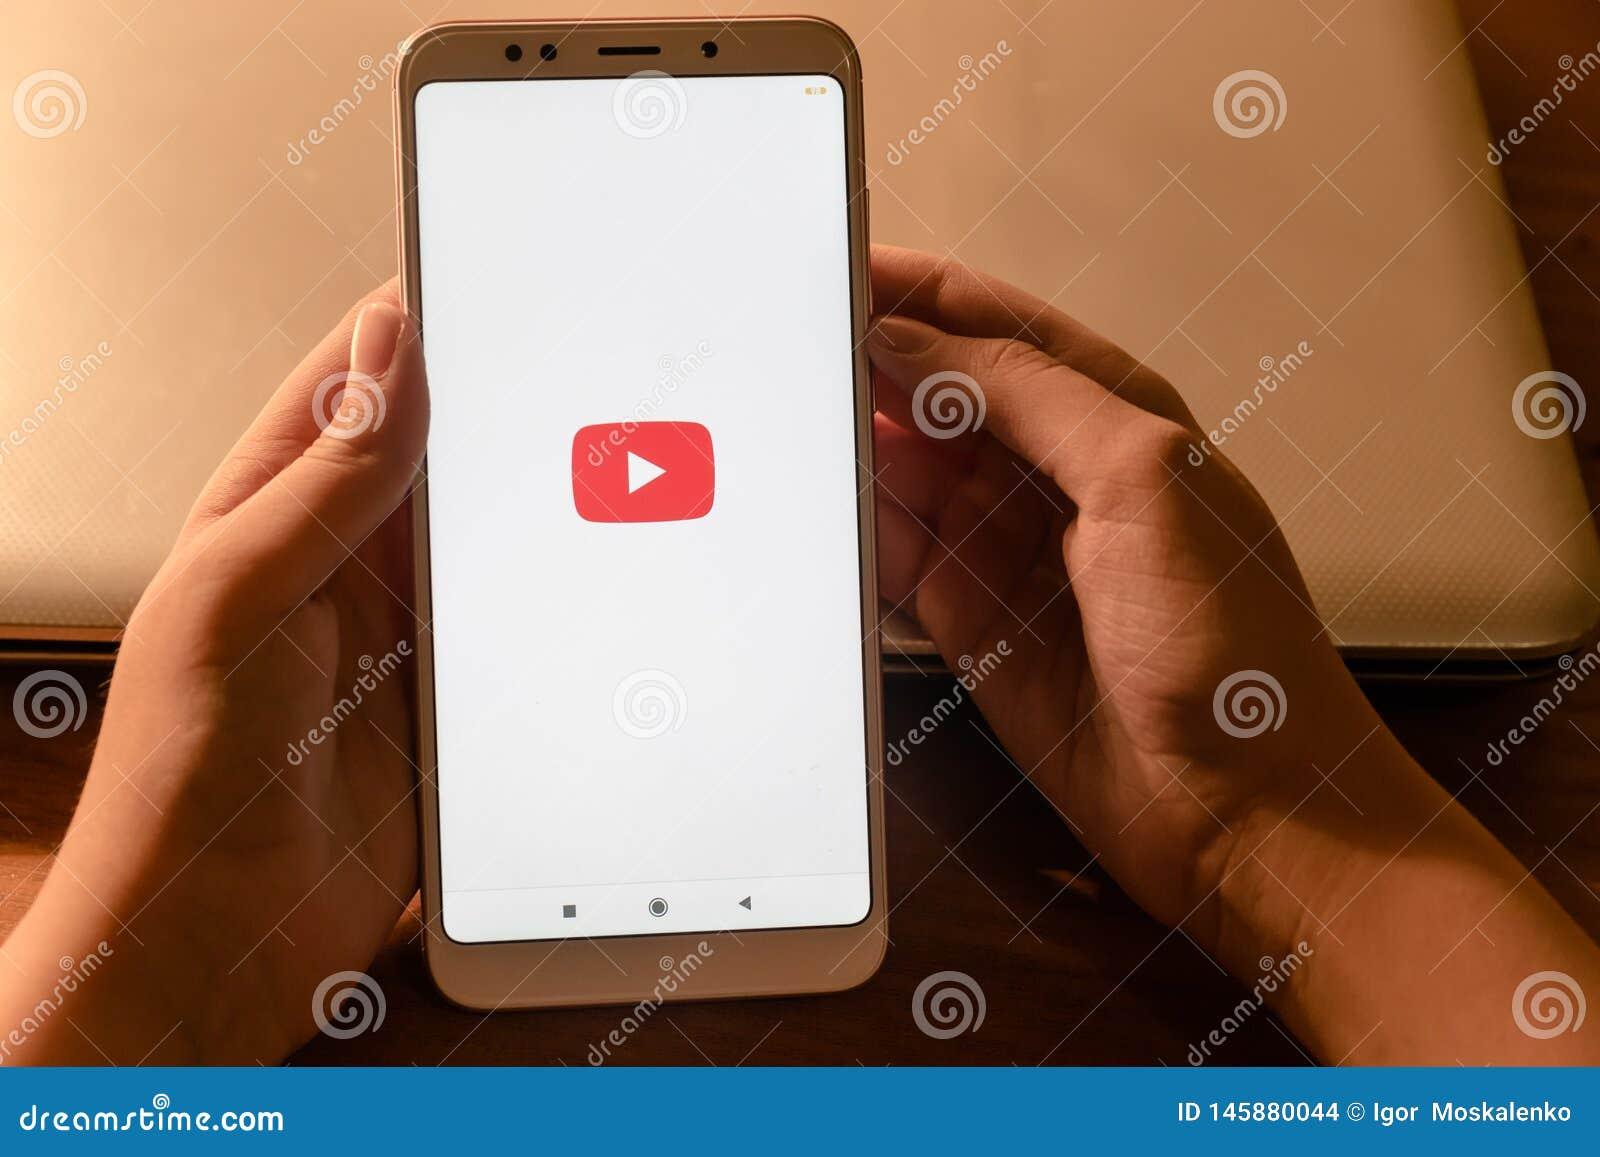 22 Απριλίου 2019 Ρωσική Ομοσπονδία Stavropol το κορίτσι στα χέρια του τηλεφώνου Xiaomi στο οποίο η εφαρμογή youtube τρέχει